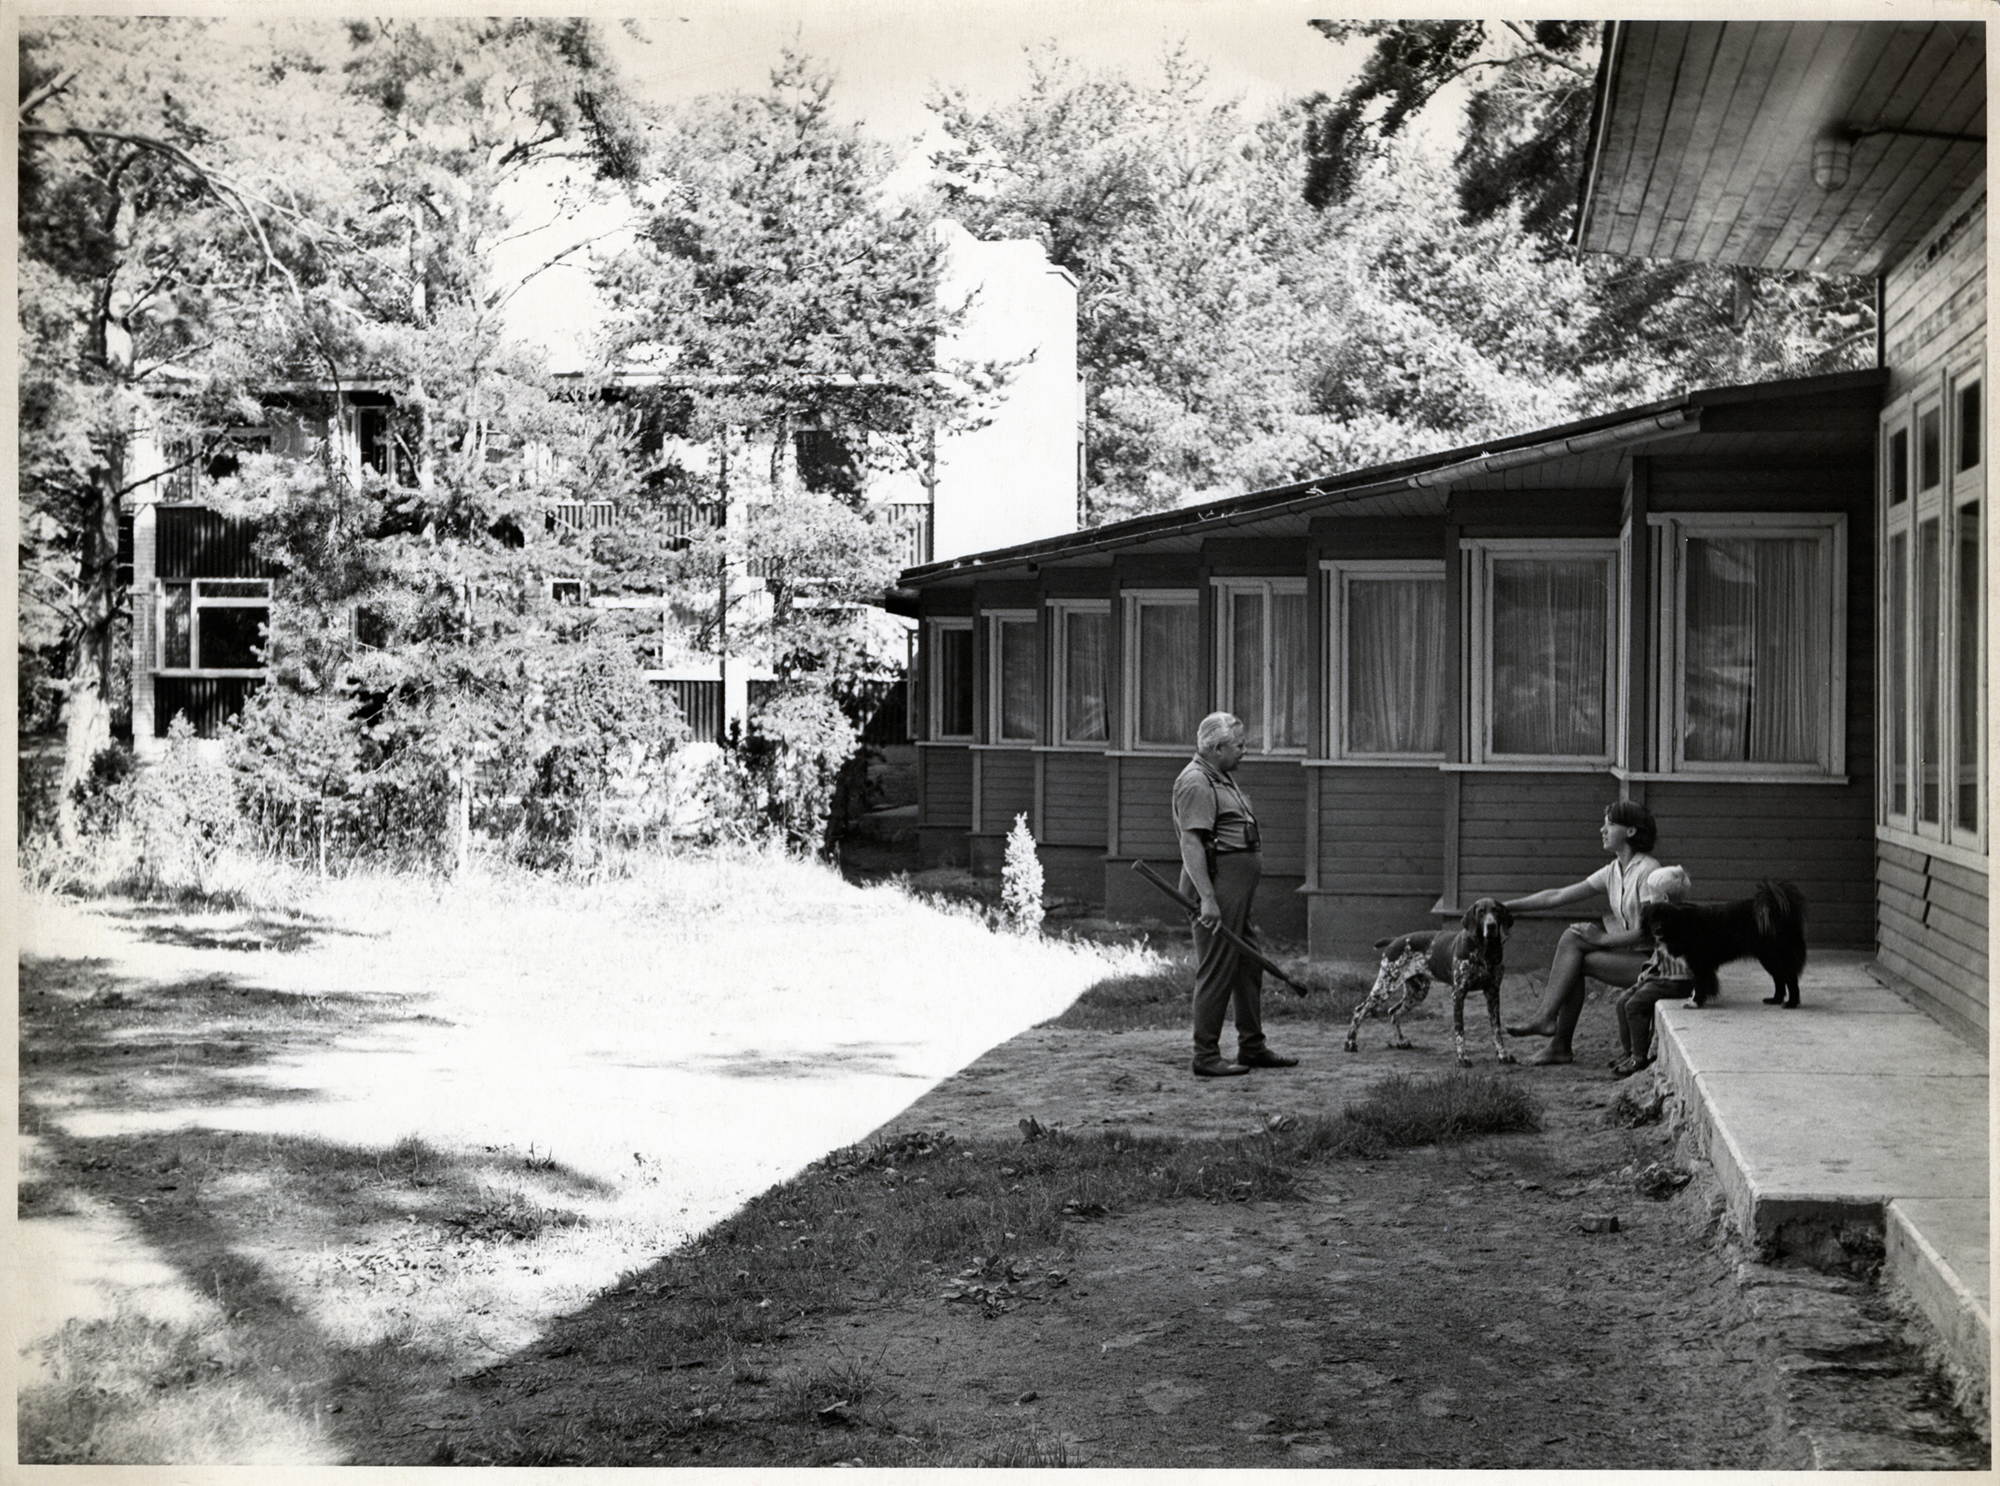 Tartu Õlletehase puhkebaas Võrtsjärve ääres. Arhitekt Raul-Levroit Kivi, 1960–1969. Foto: Eesti Arhitektuurimuuseum